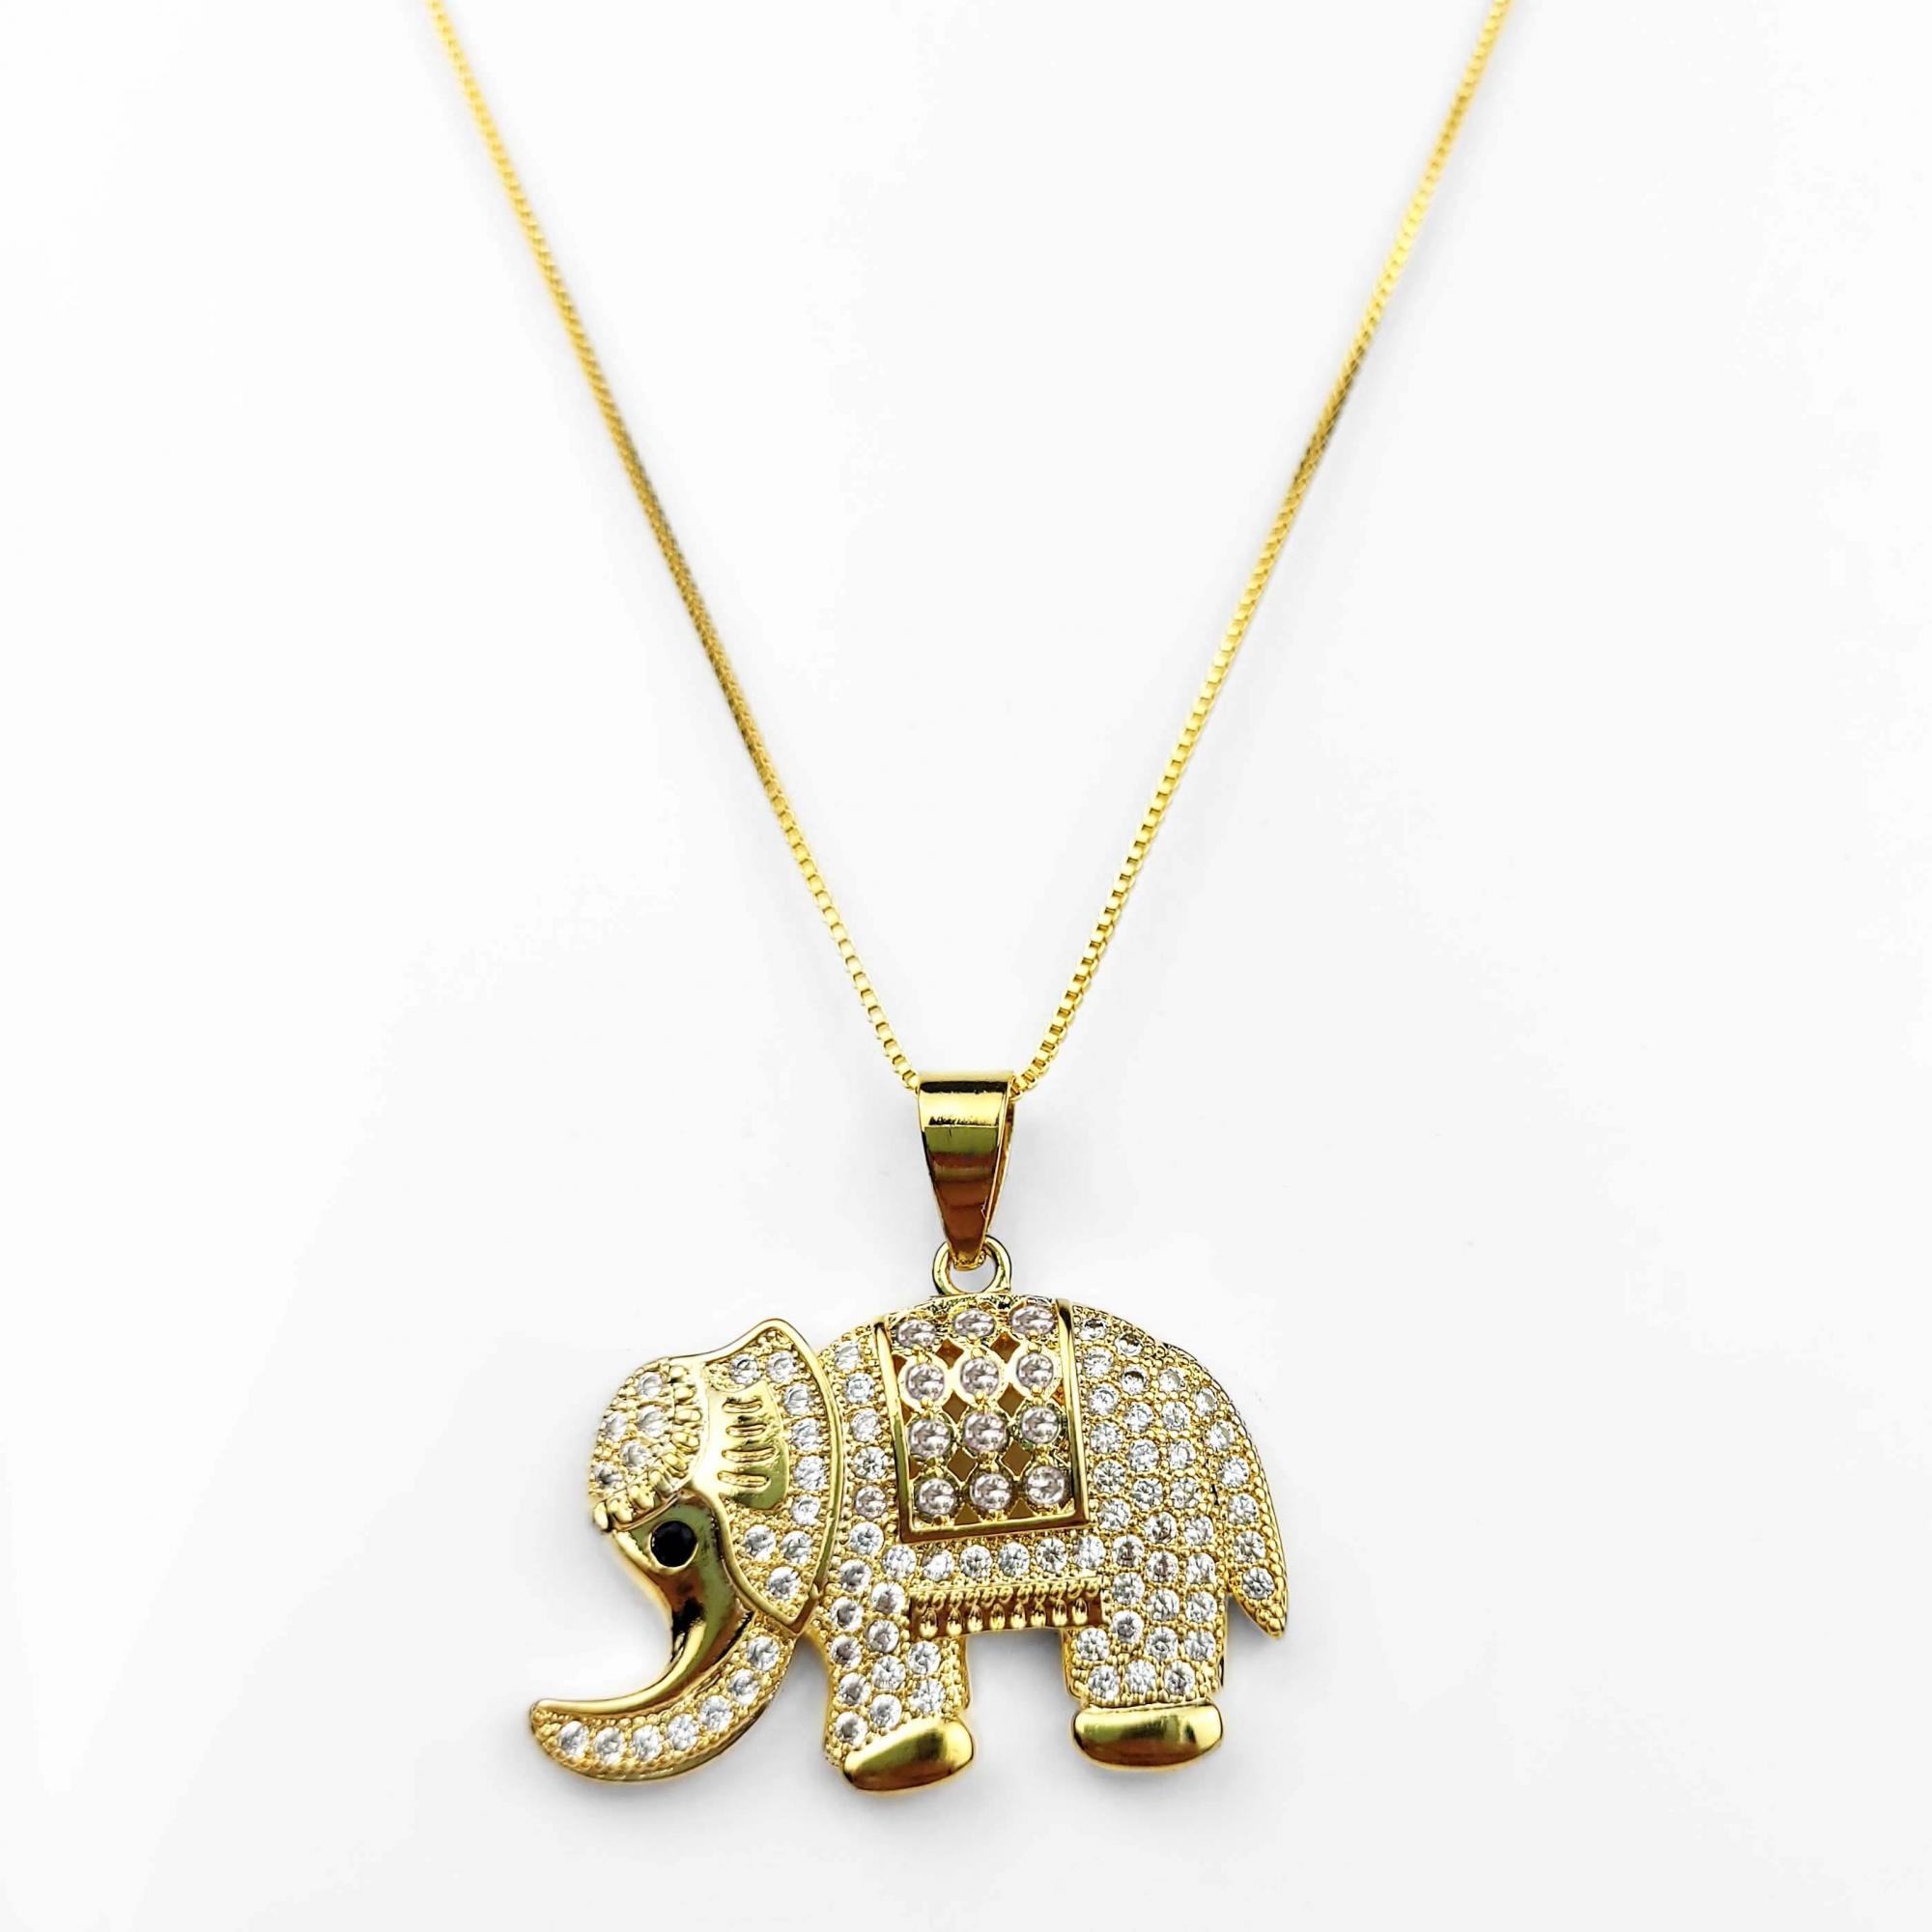 Colar Comprido Elefante com Zircônias Folheado Ouro 18k  - Lunozê Joias